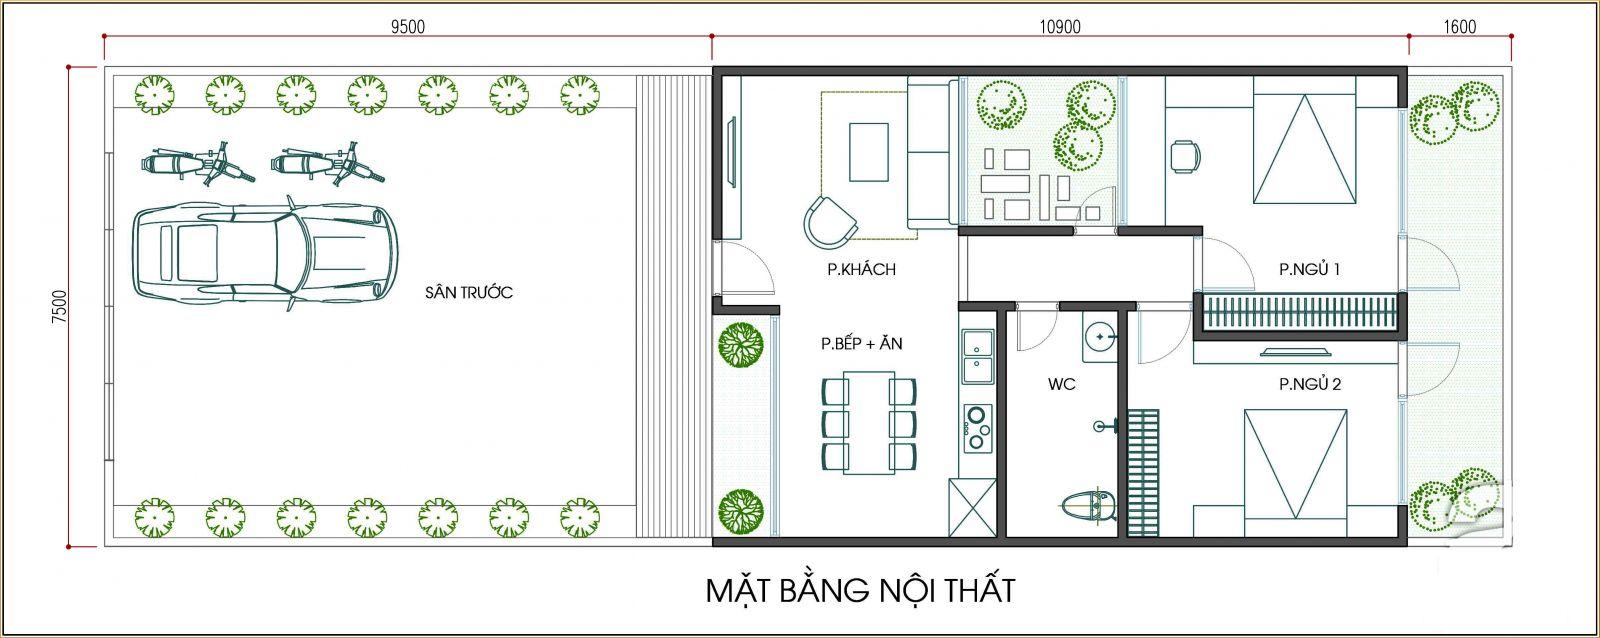 Thiết kế nhà cấp 4 nhỏ gọn, tiết kiệm chi phí